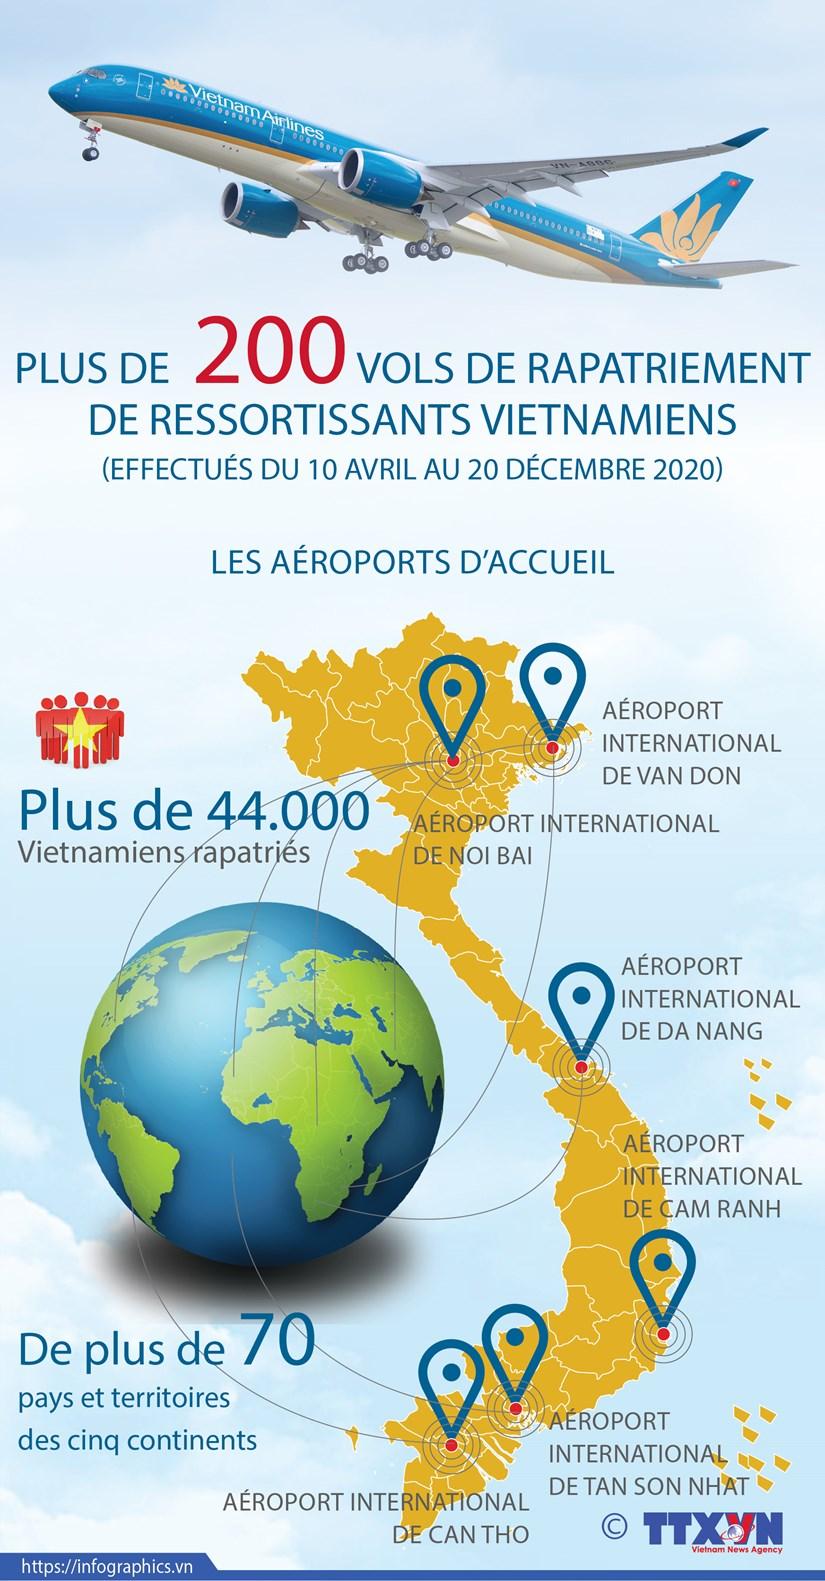 Plus de 200 vols de rapatriement de ressortissants vietnamiens effectues du 10 avril au 20 decembre hinh anh 1